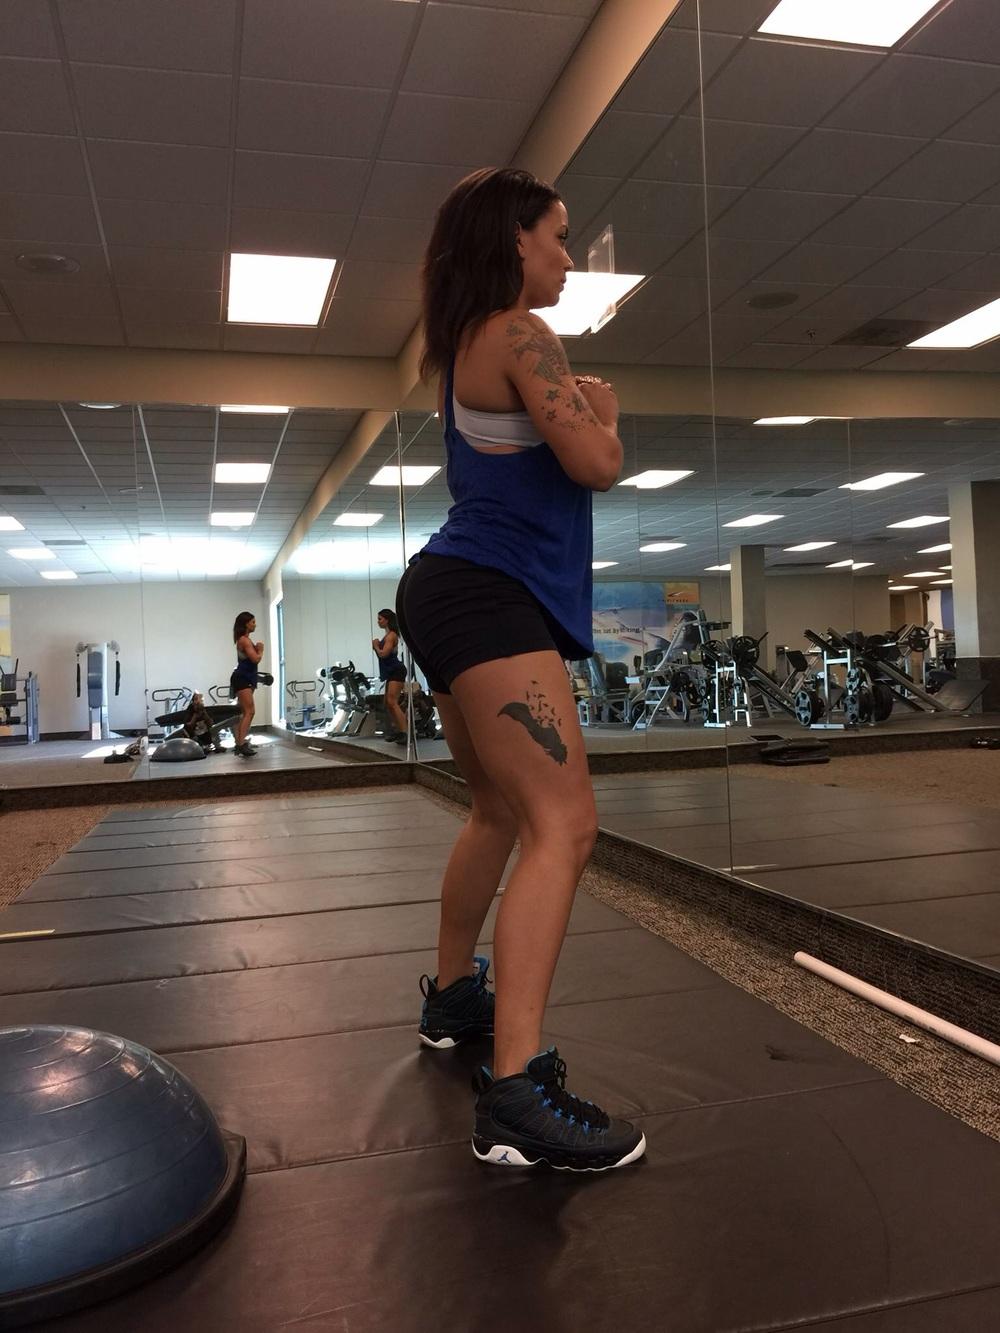 Feet shoulder width apart, then vend into a deep squat.